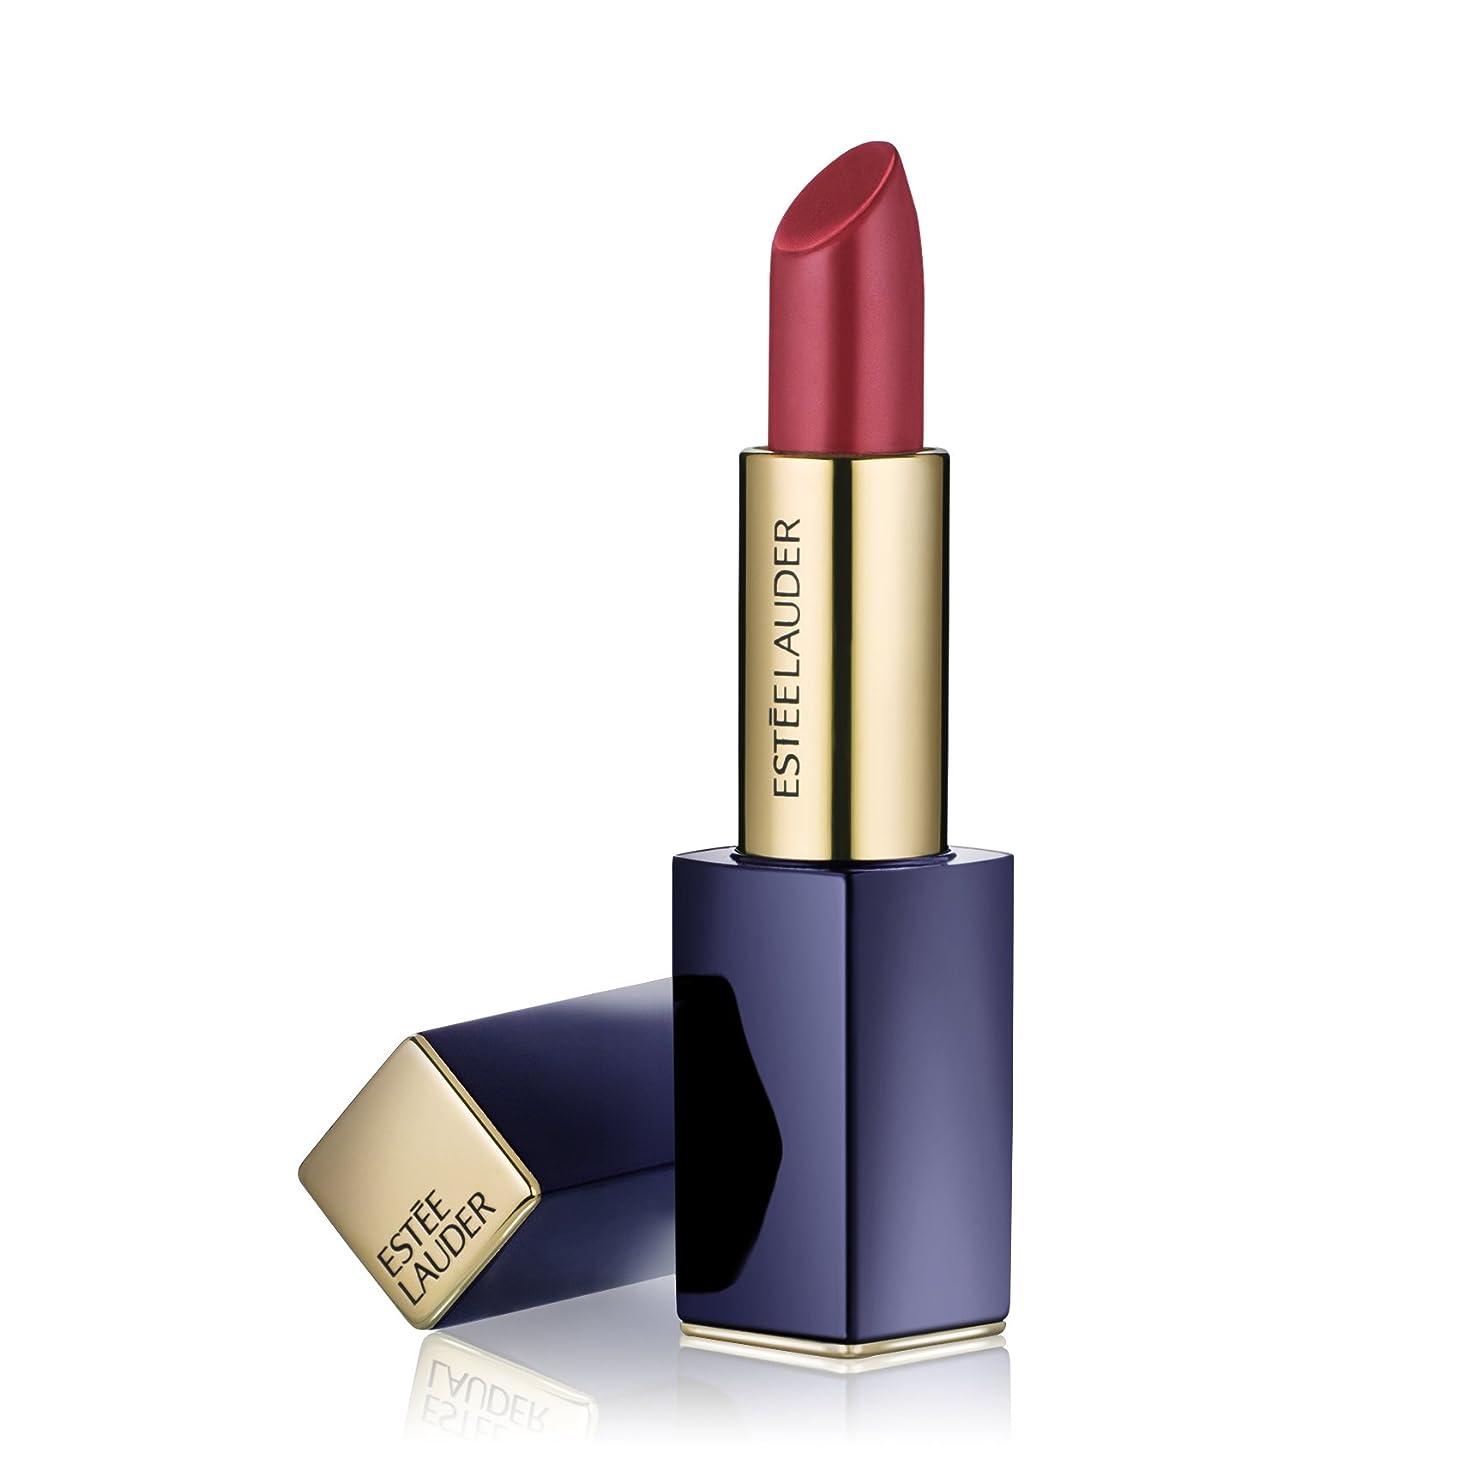 前進特異性ストラップエスティローダー Pure Color Envy Sculpting Lipstick - # 240 Tumultuous Pink 3.5g/0.12oz